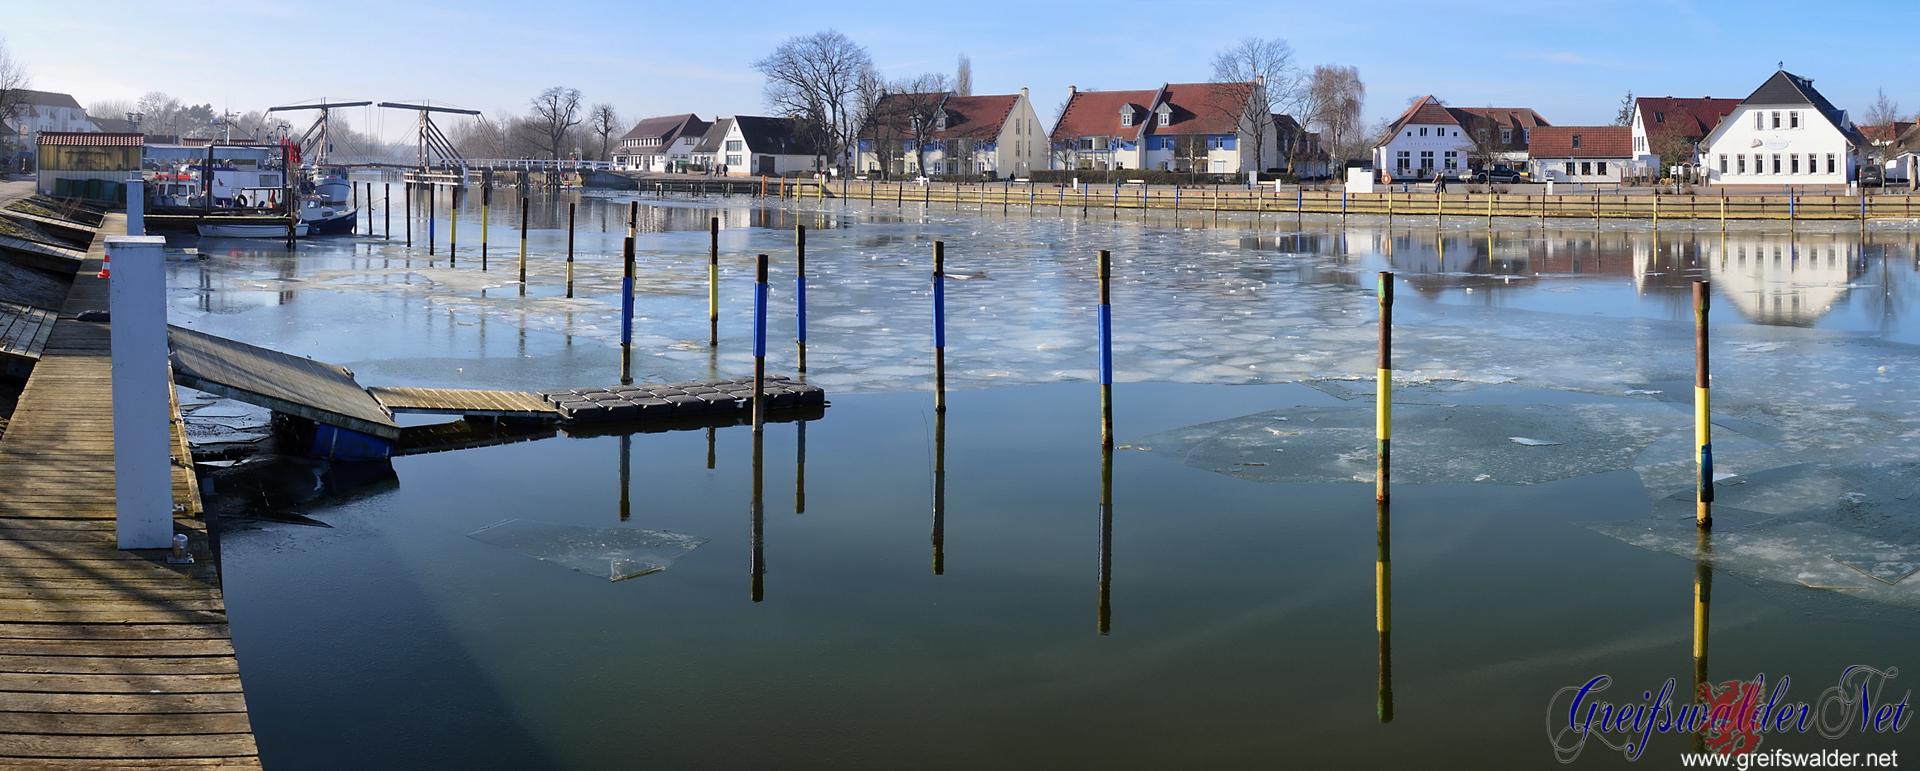 frostig in Greifswald-Wieck